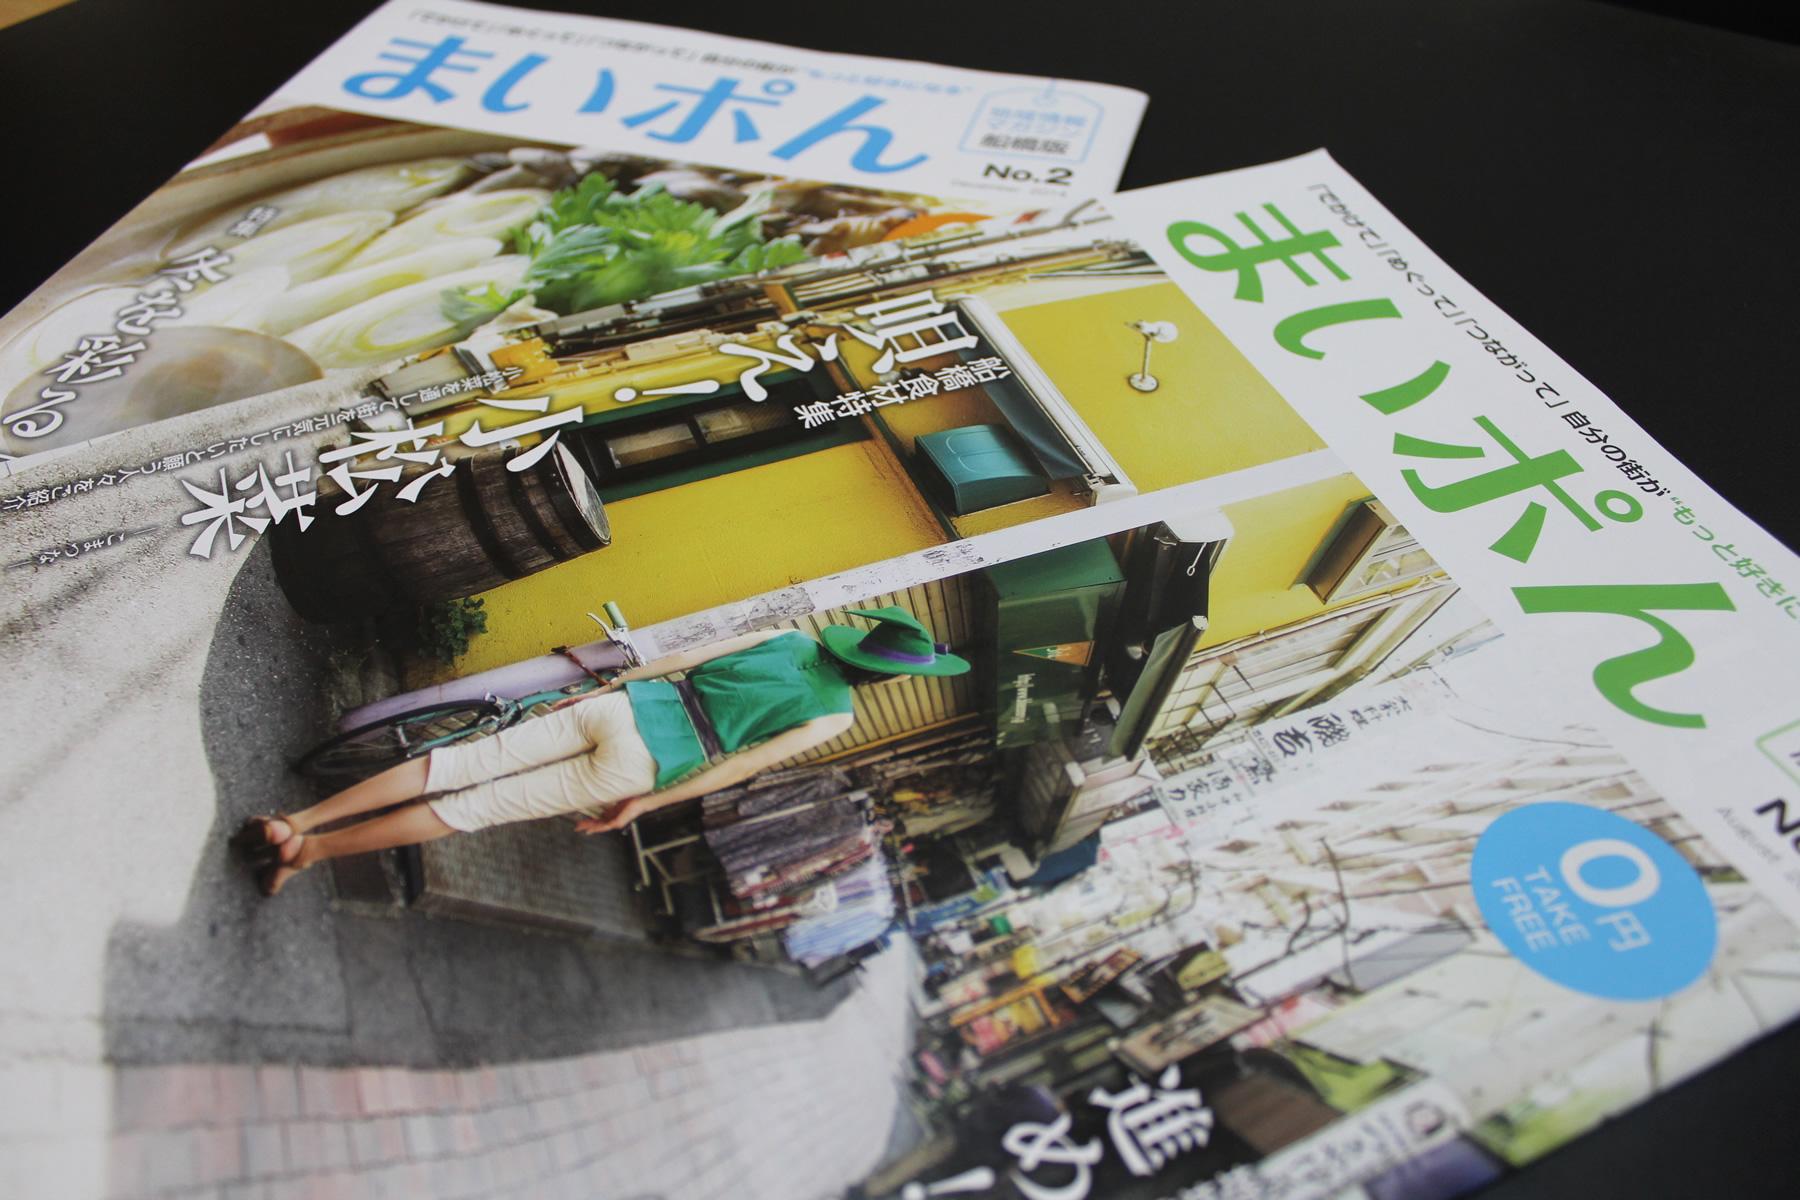 【地域情報マガジン「まいポん」】船橋・株式会社フューチャーリンクネットワーク様